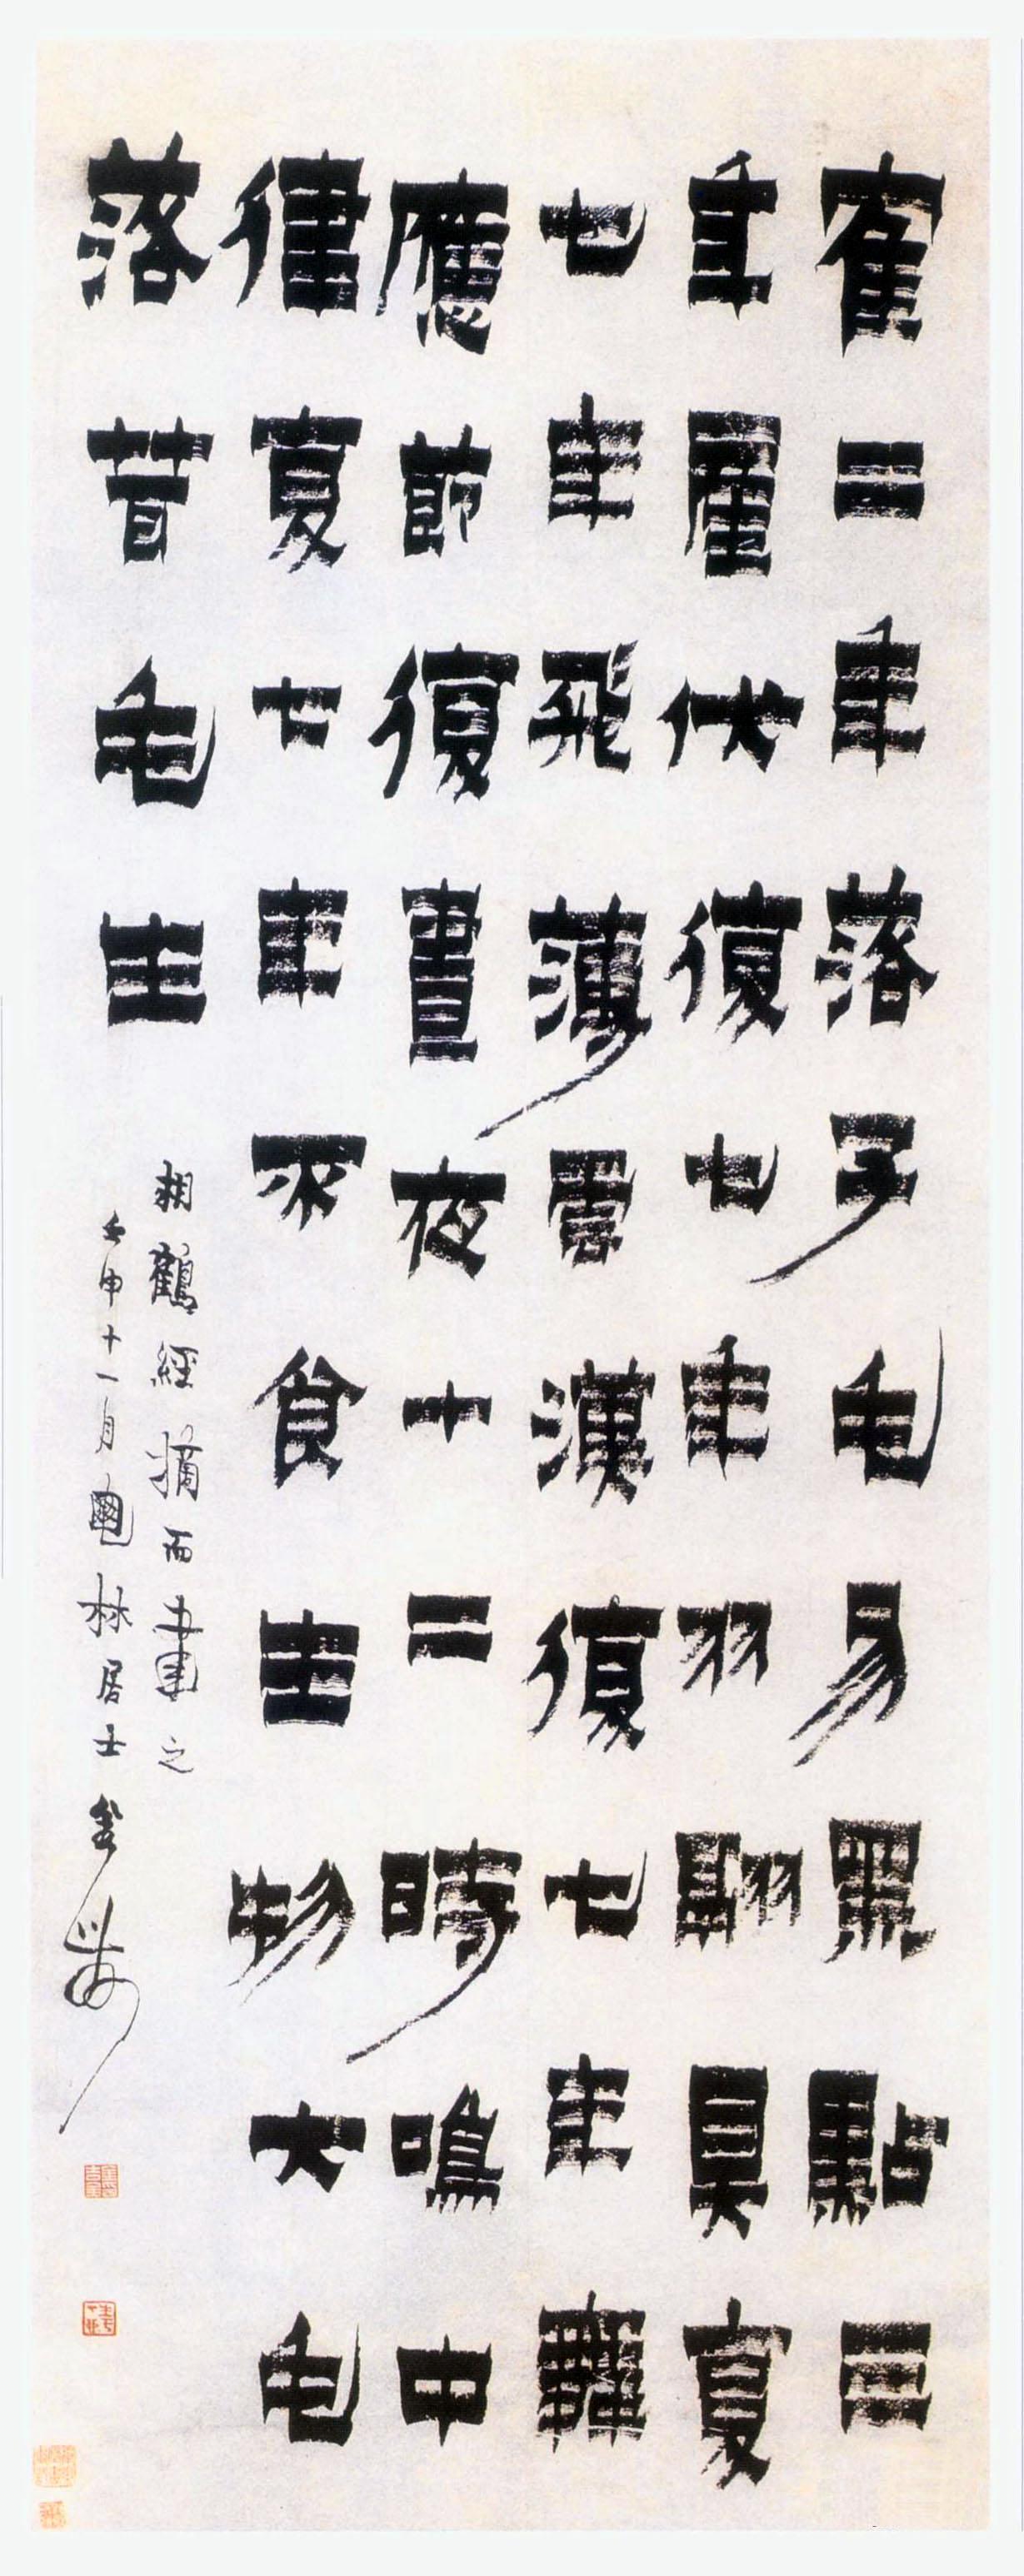 金农《漆书相鹤经轴》纸本隶书清代书法超高清图片